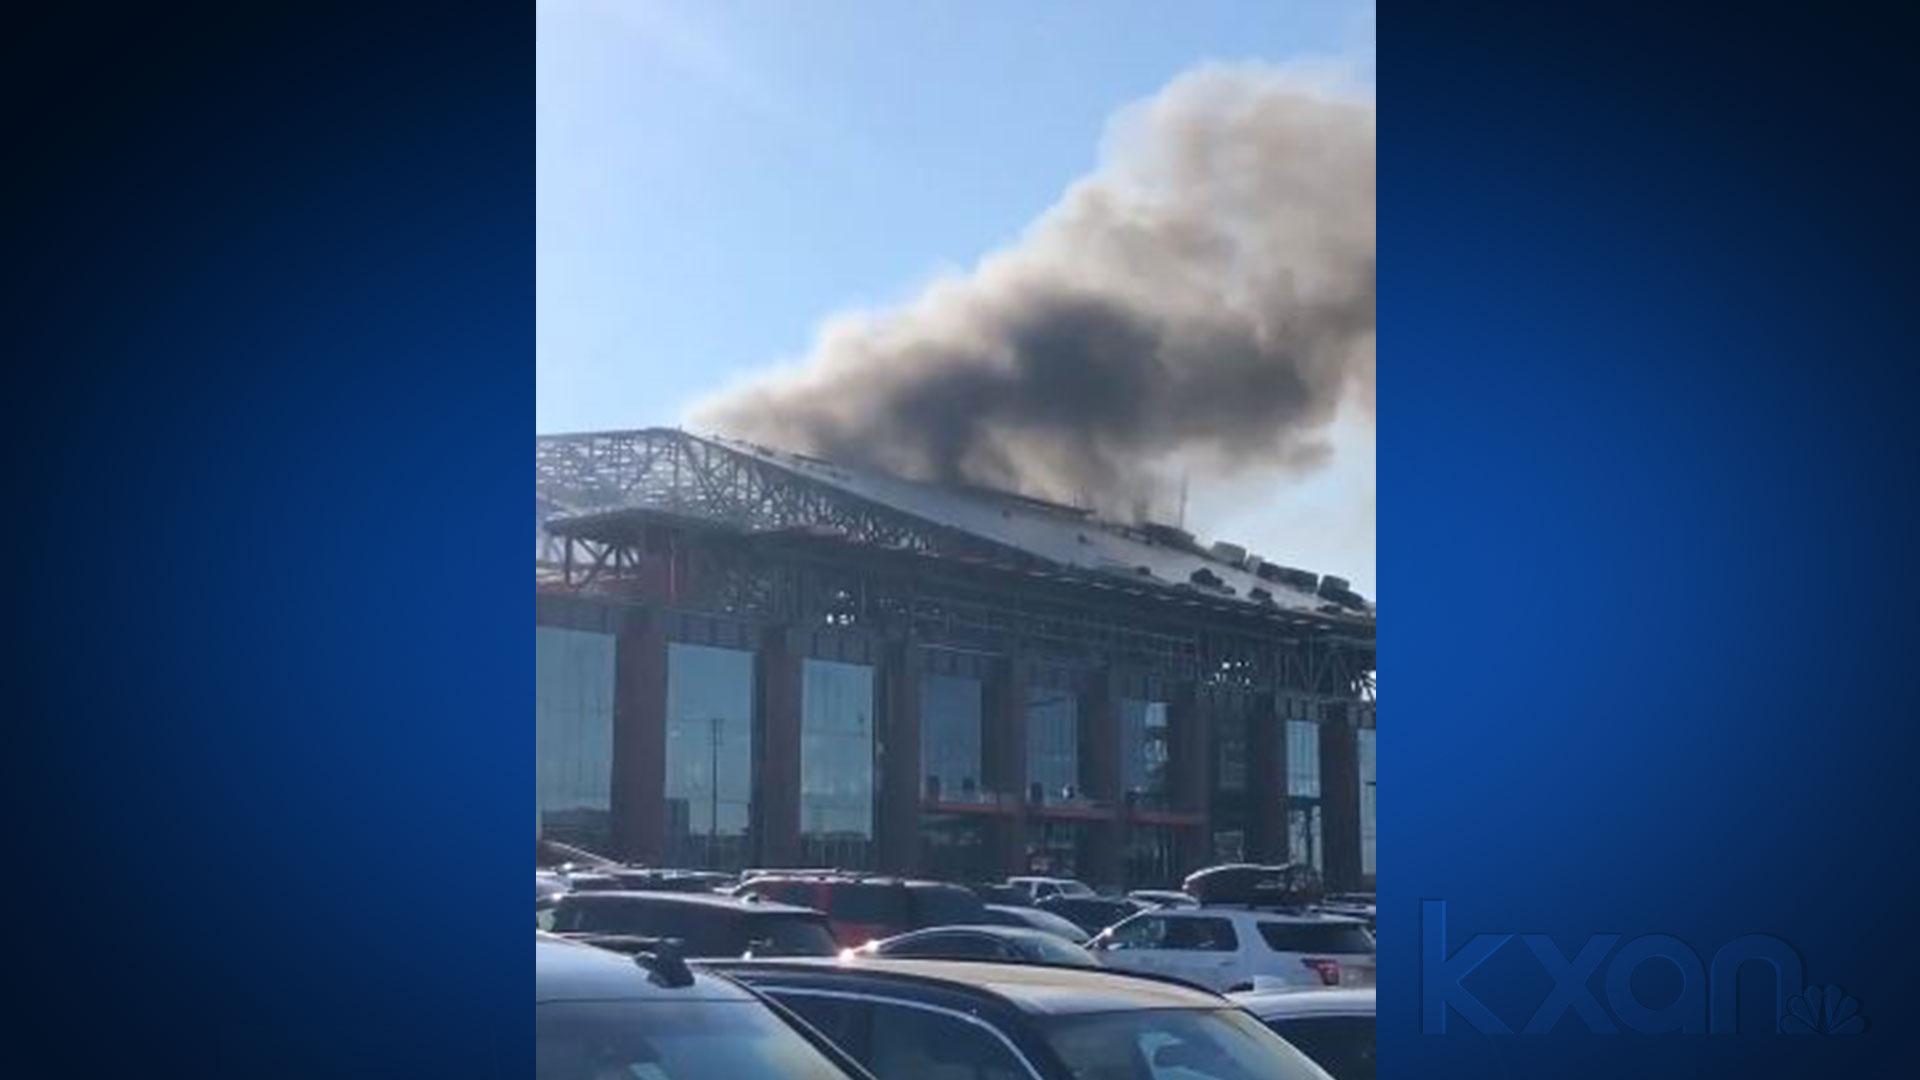 New Rangers ballpark fire